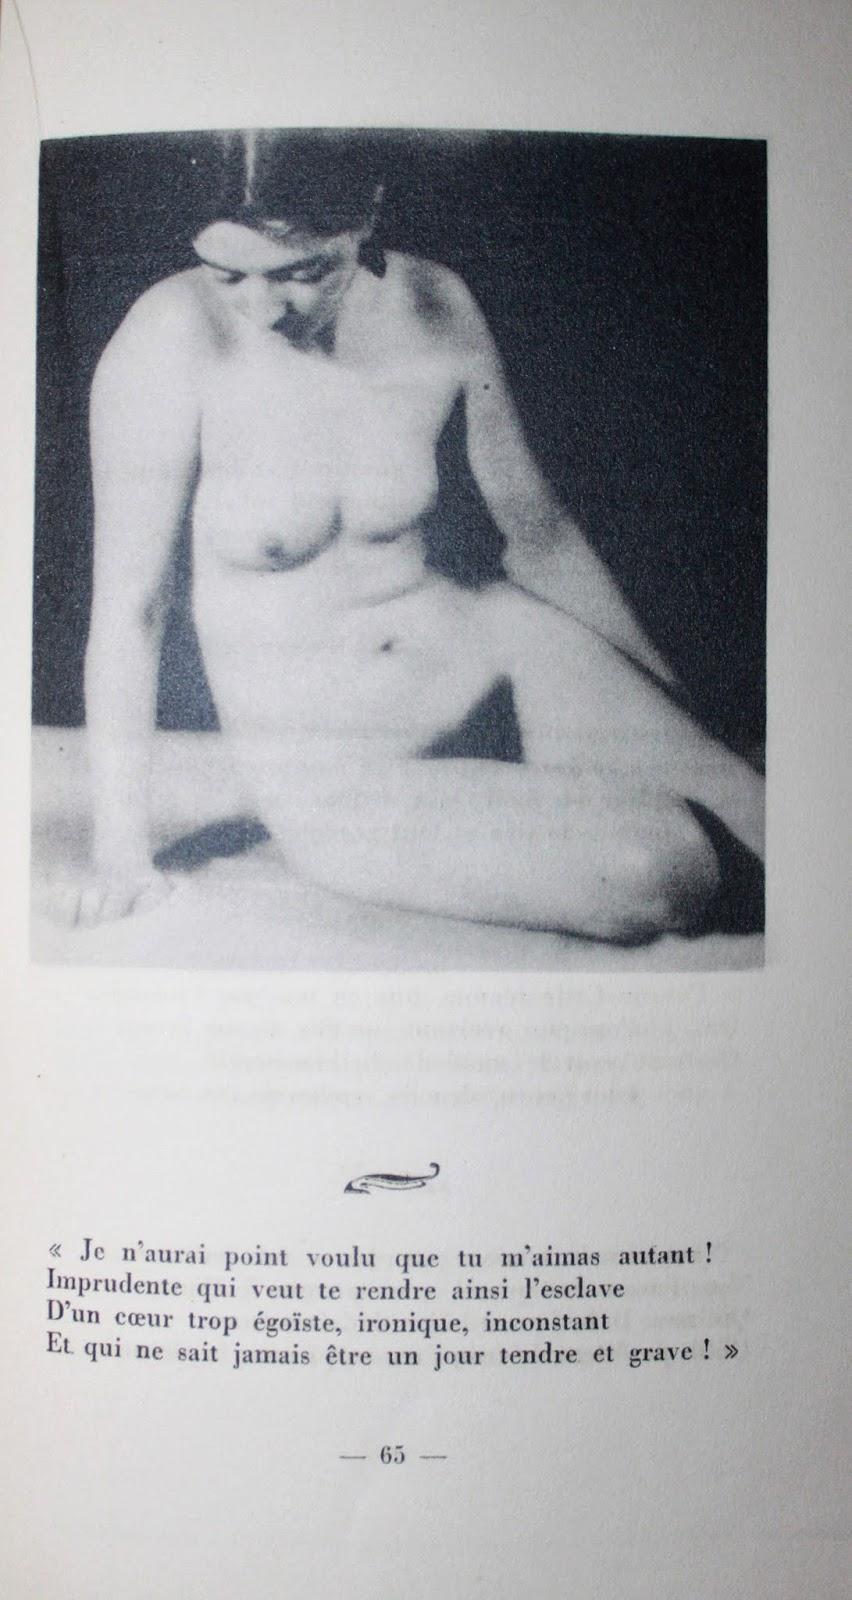 rechercher livre auteur photo ancienne nu erotique